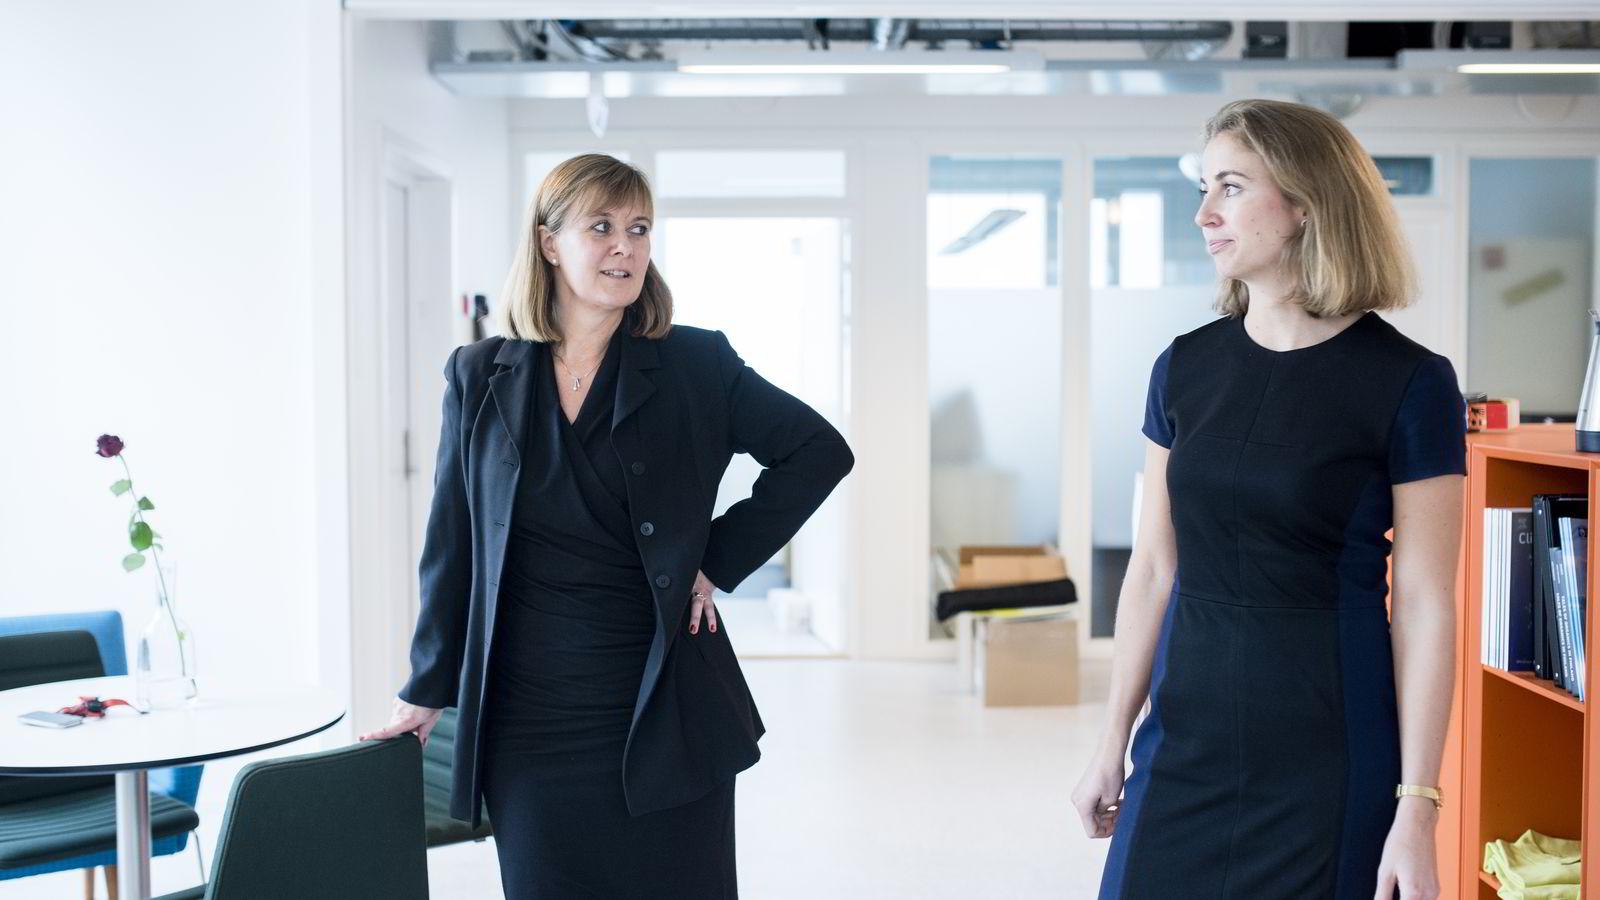 Investeringsdirektør Ann-Tove Kongsnes (t.v.) og investeringsrådgiver Marit Fageraas Øien i Investinor må konstatere at knapt noen av bedriftene som kommer til dem på jakt etter penger, er startet eller ledet av kvinner.